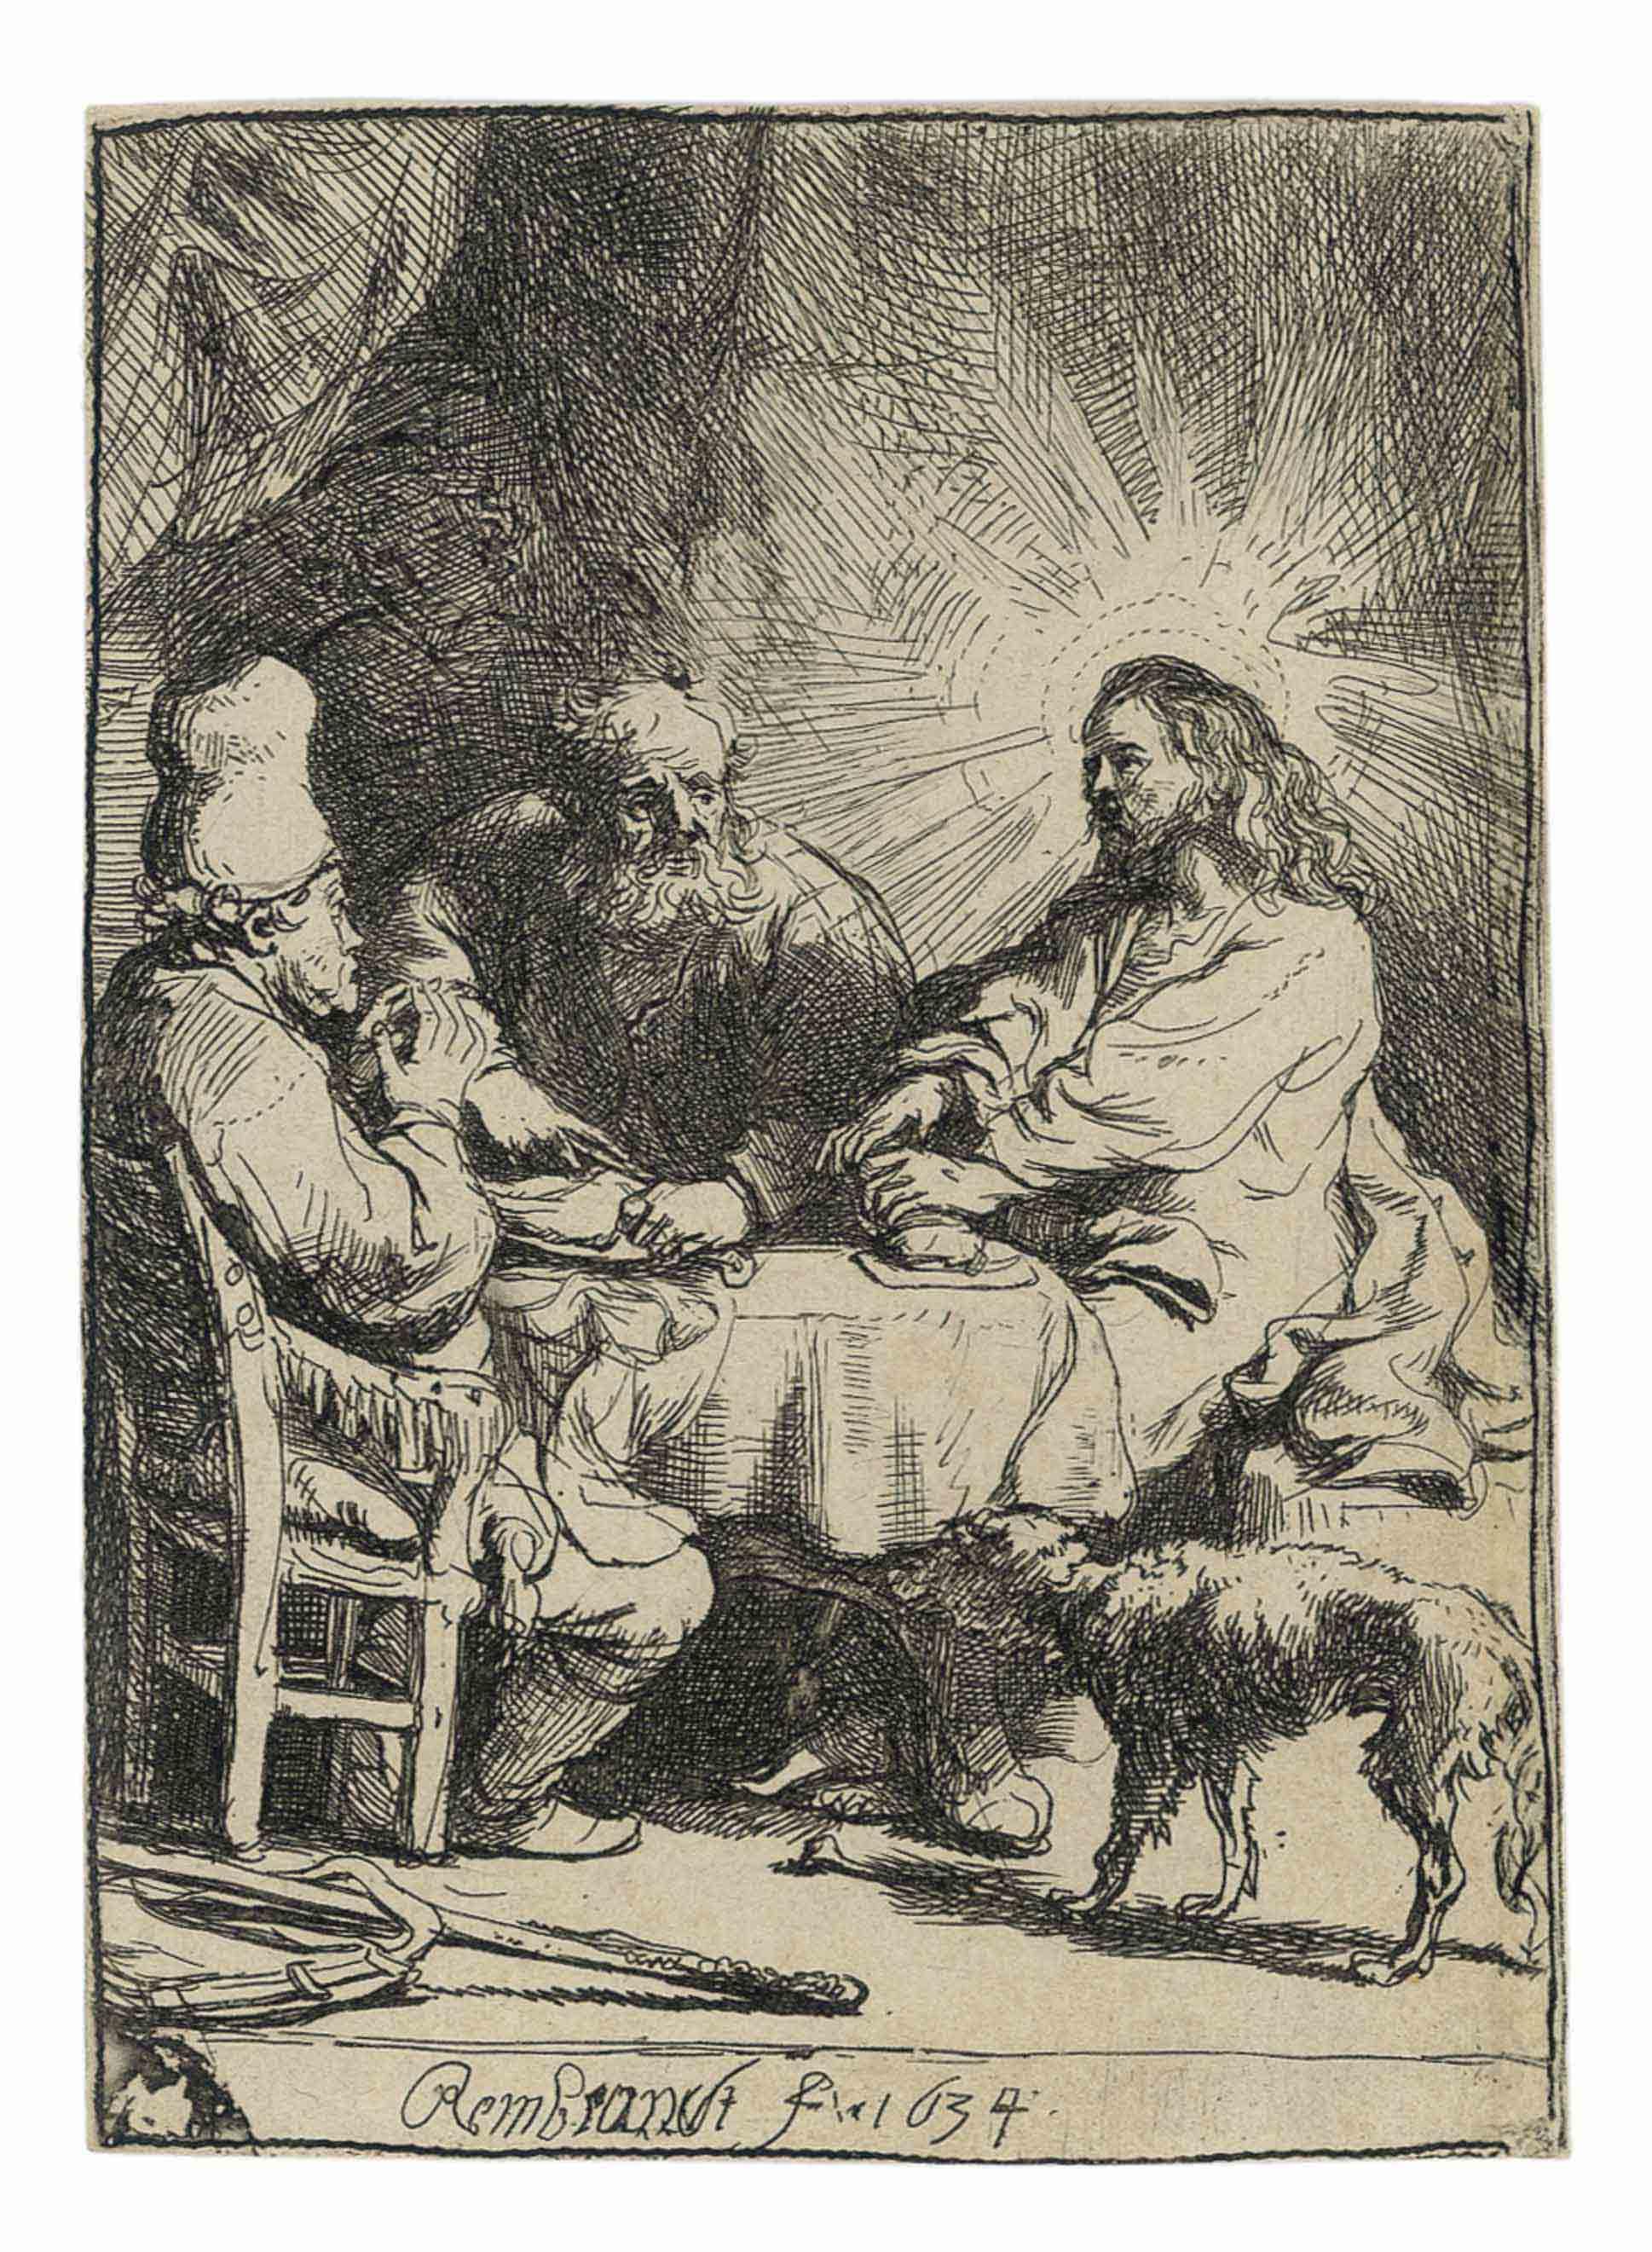 Harmensz. van Rijn Rembrandt (1606-1669)